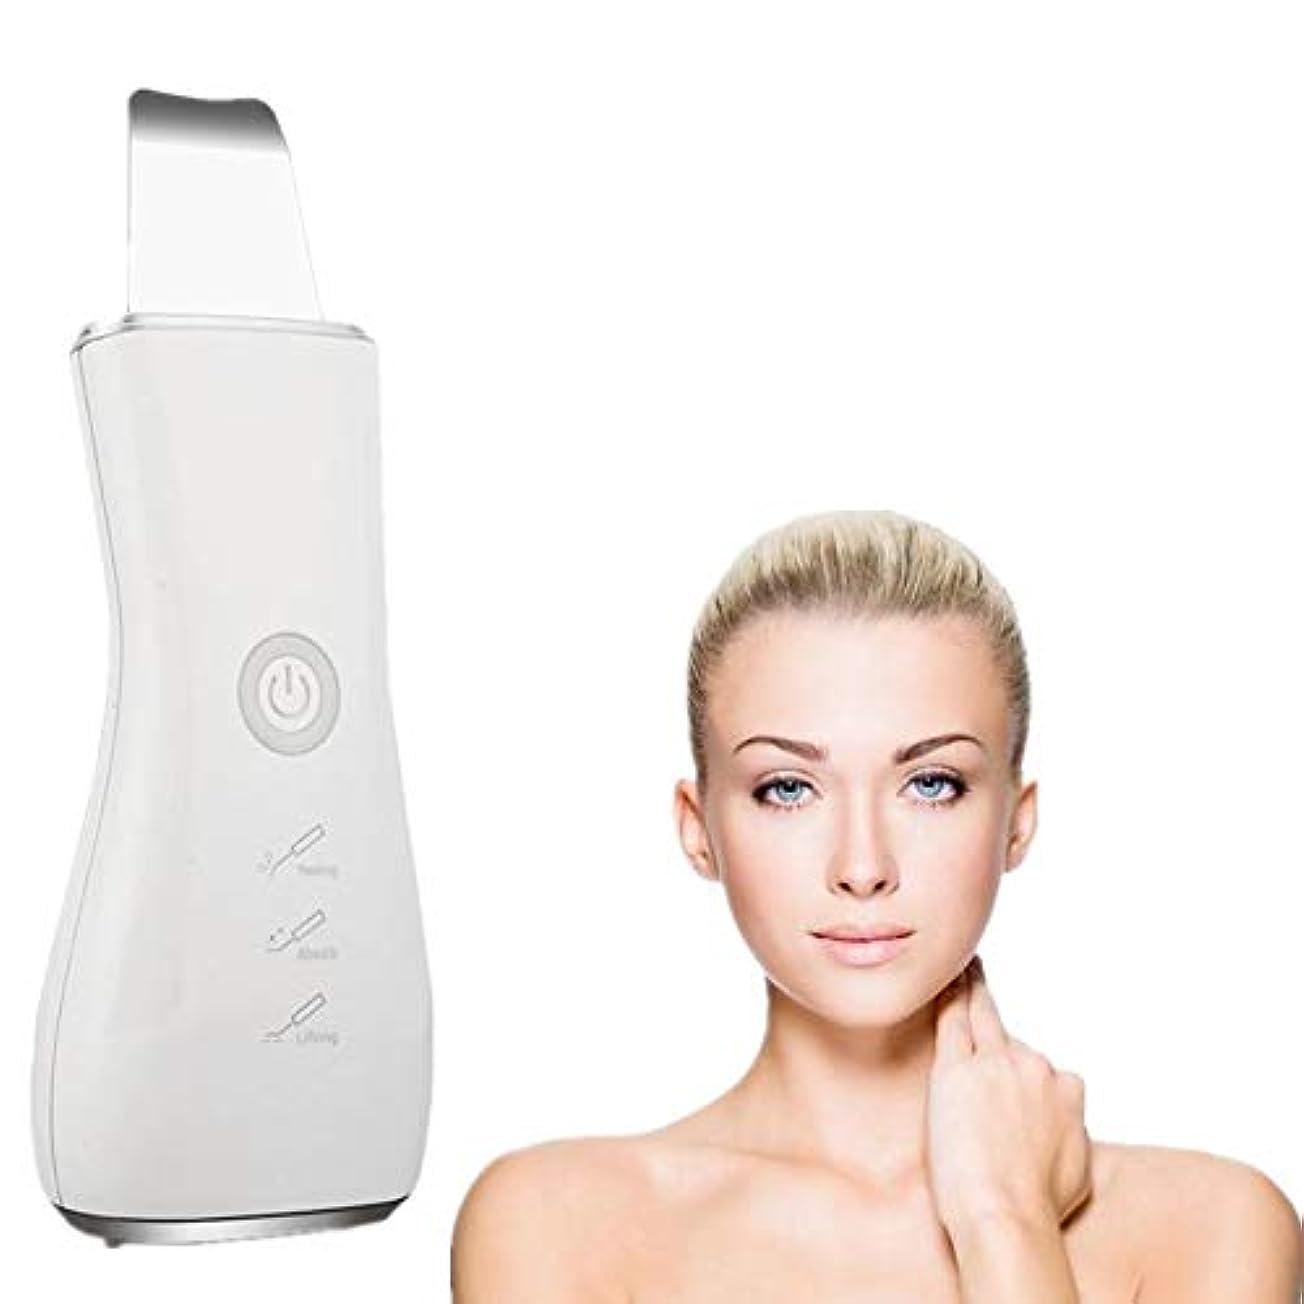 段落ビバカートン顔の皮膚スクラバーブラックヘッドリムーバー毛穴充電式スキンスクラバー光子の若返り美容スキンクリーナーEMSクリーニングイオン導入モードUSB充電式美容ツール、シルバー